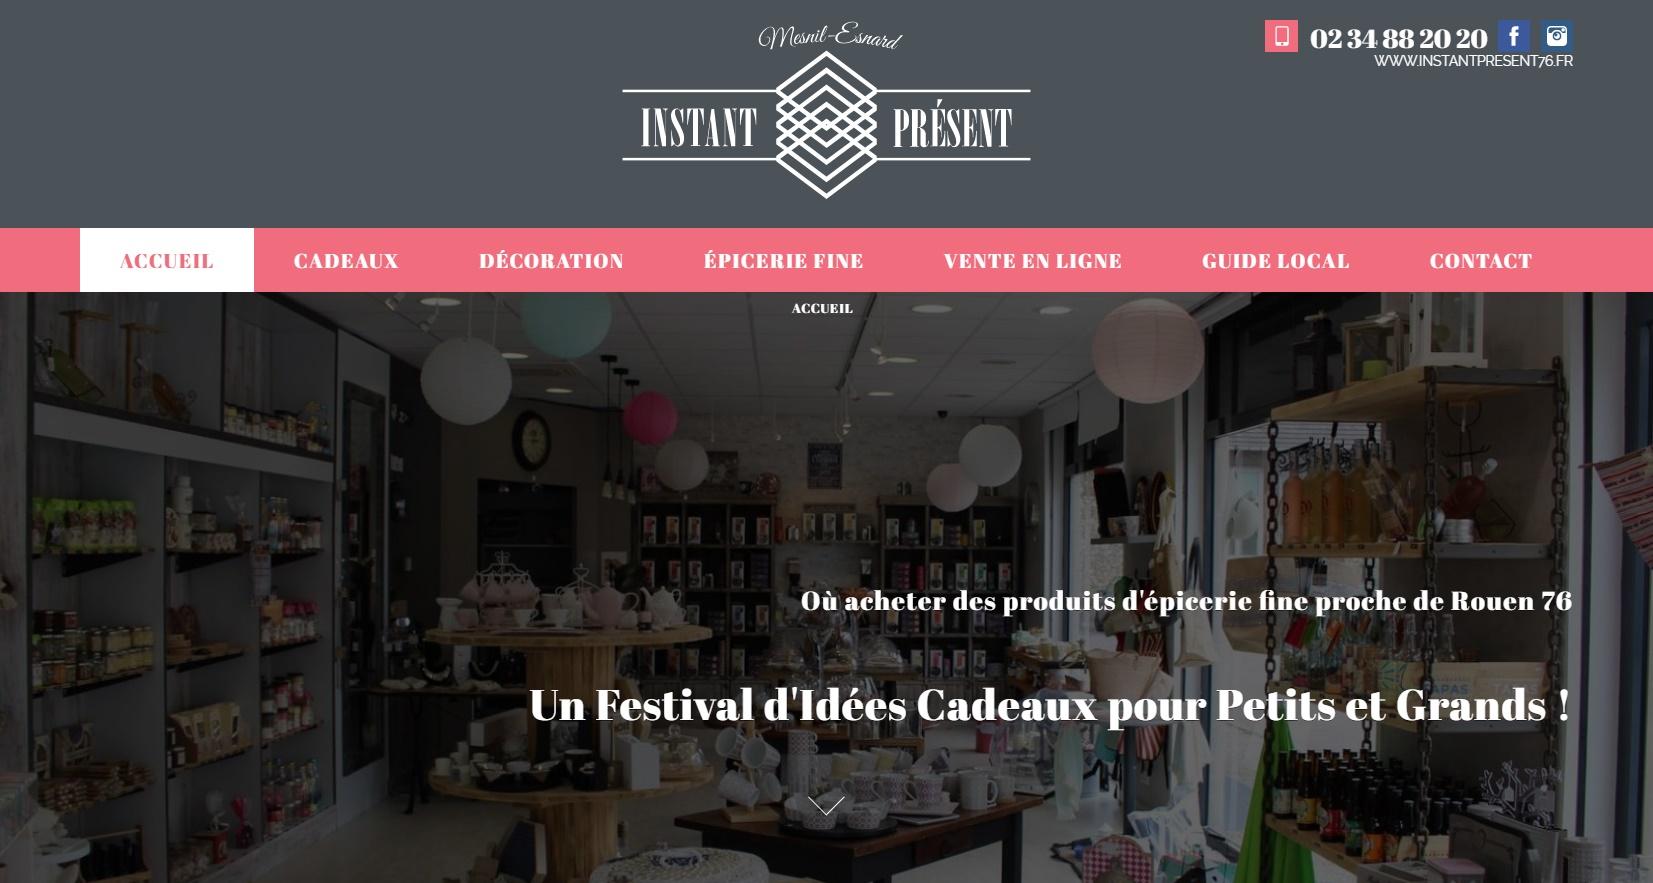 comment trouver une épicerie fine sur internet proche Rouen 76